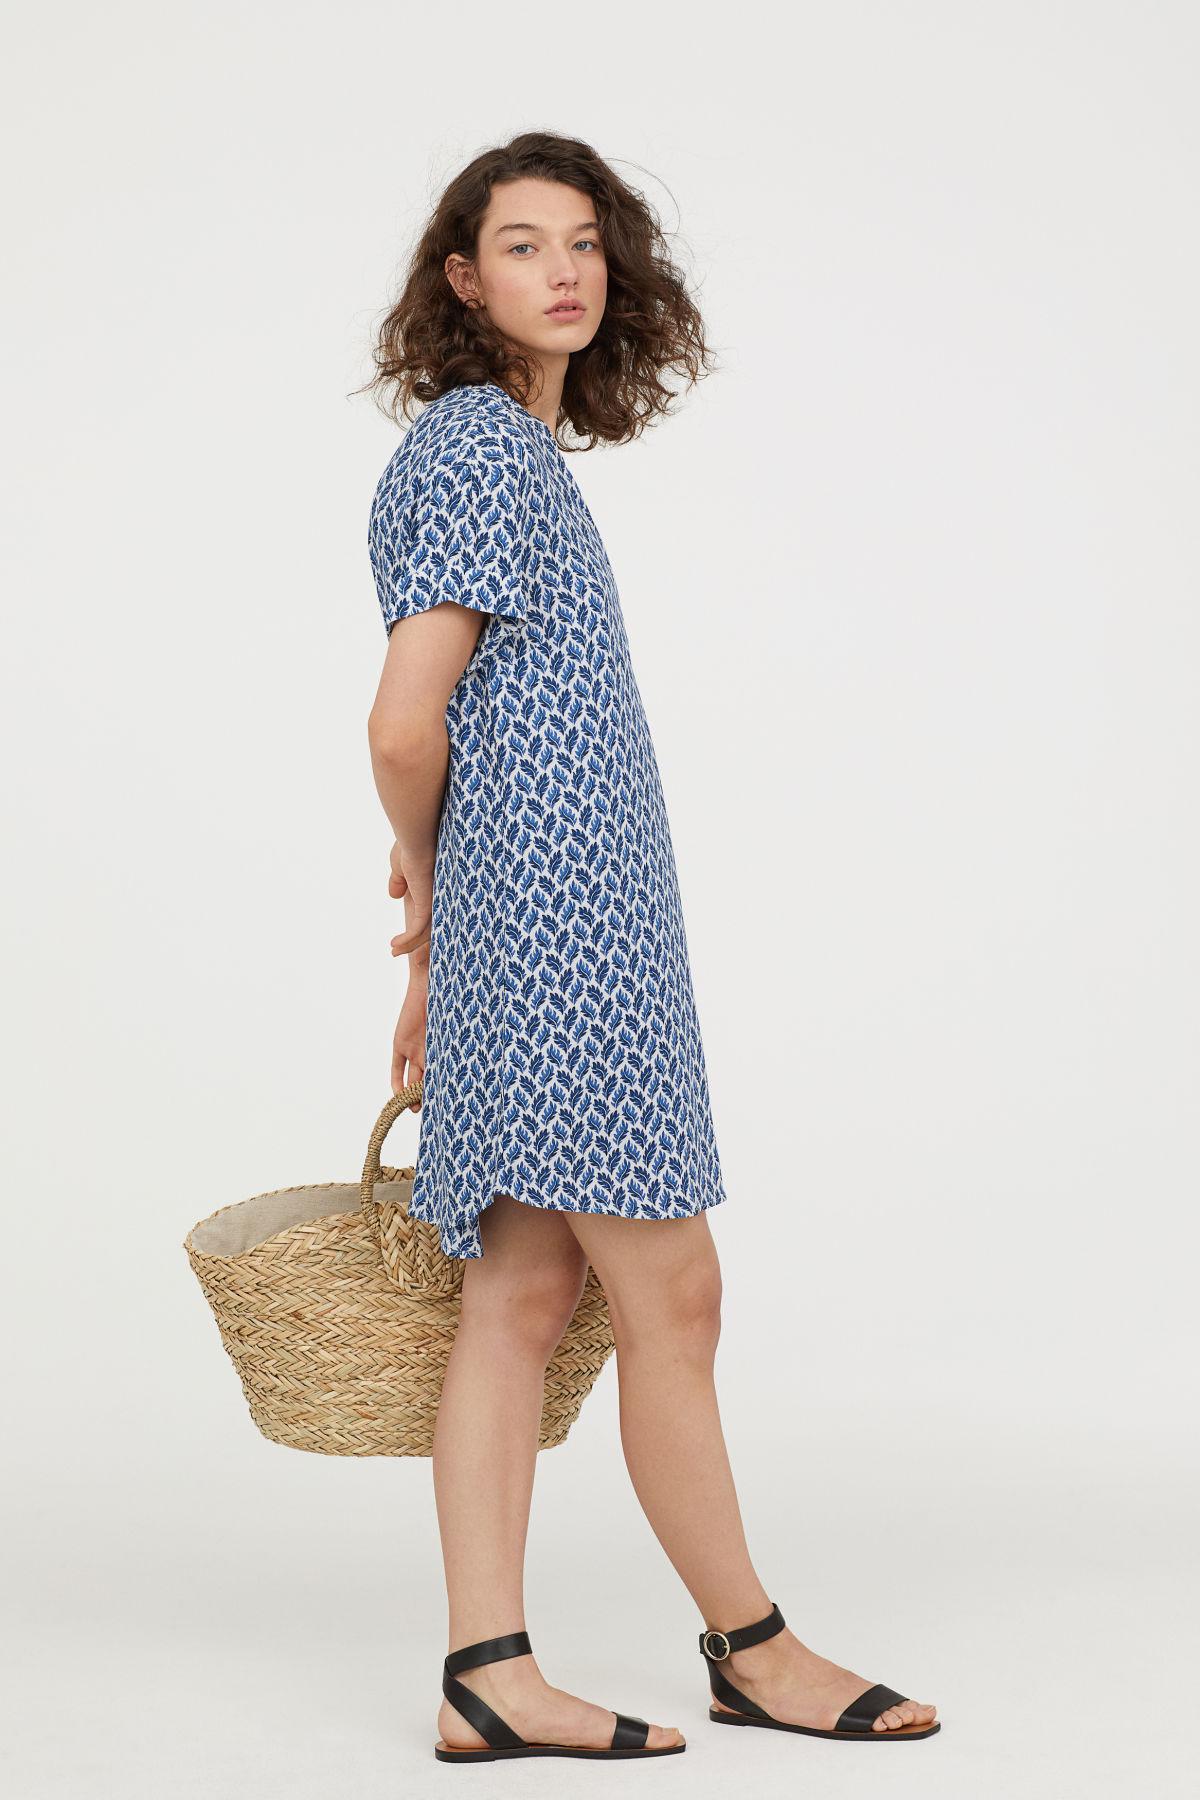 ccb8e80348 H M Summer Dresses Under  50  Slips